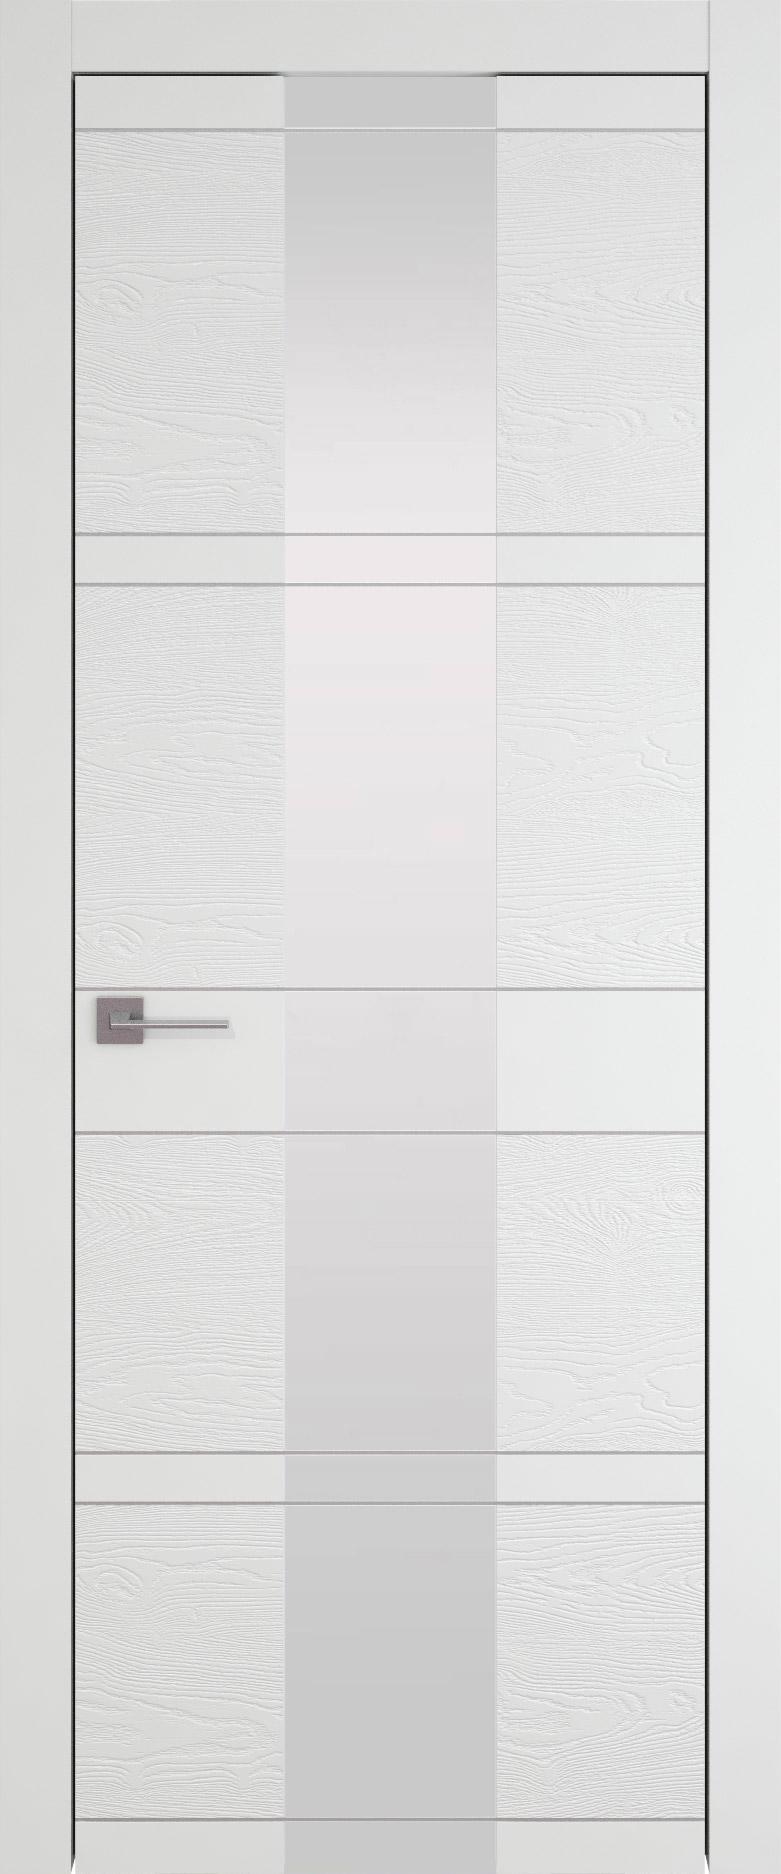 Tivoli Ж-2 цвет - Белая эмаль-эмаль по шпону (RAL 9003) Со стеклом (ДО)